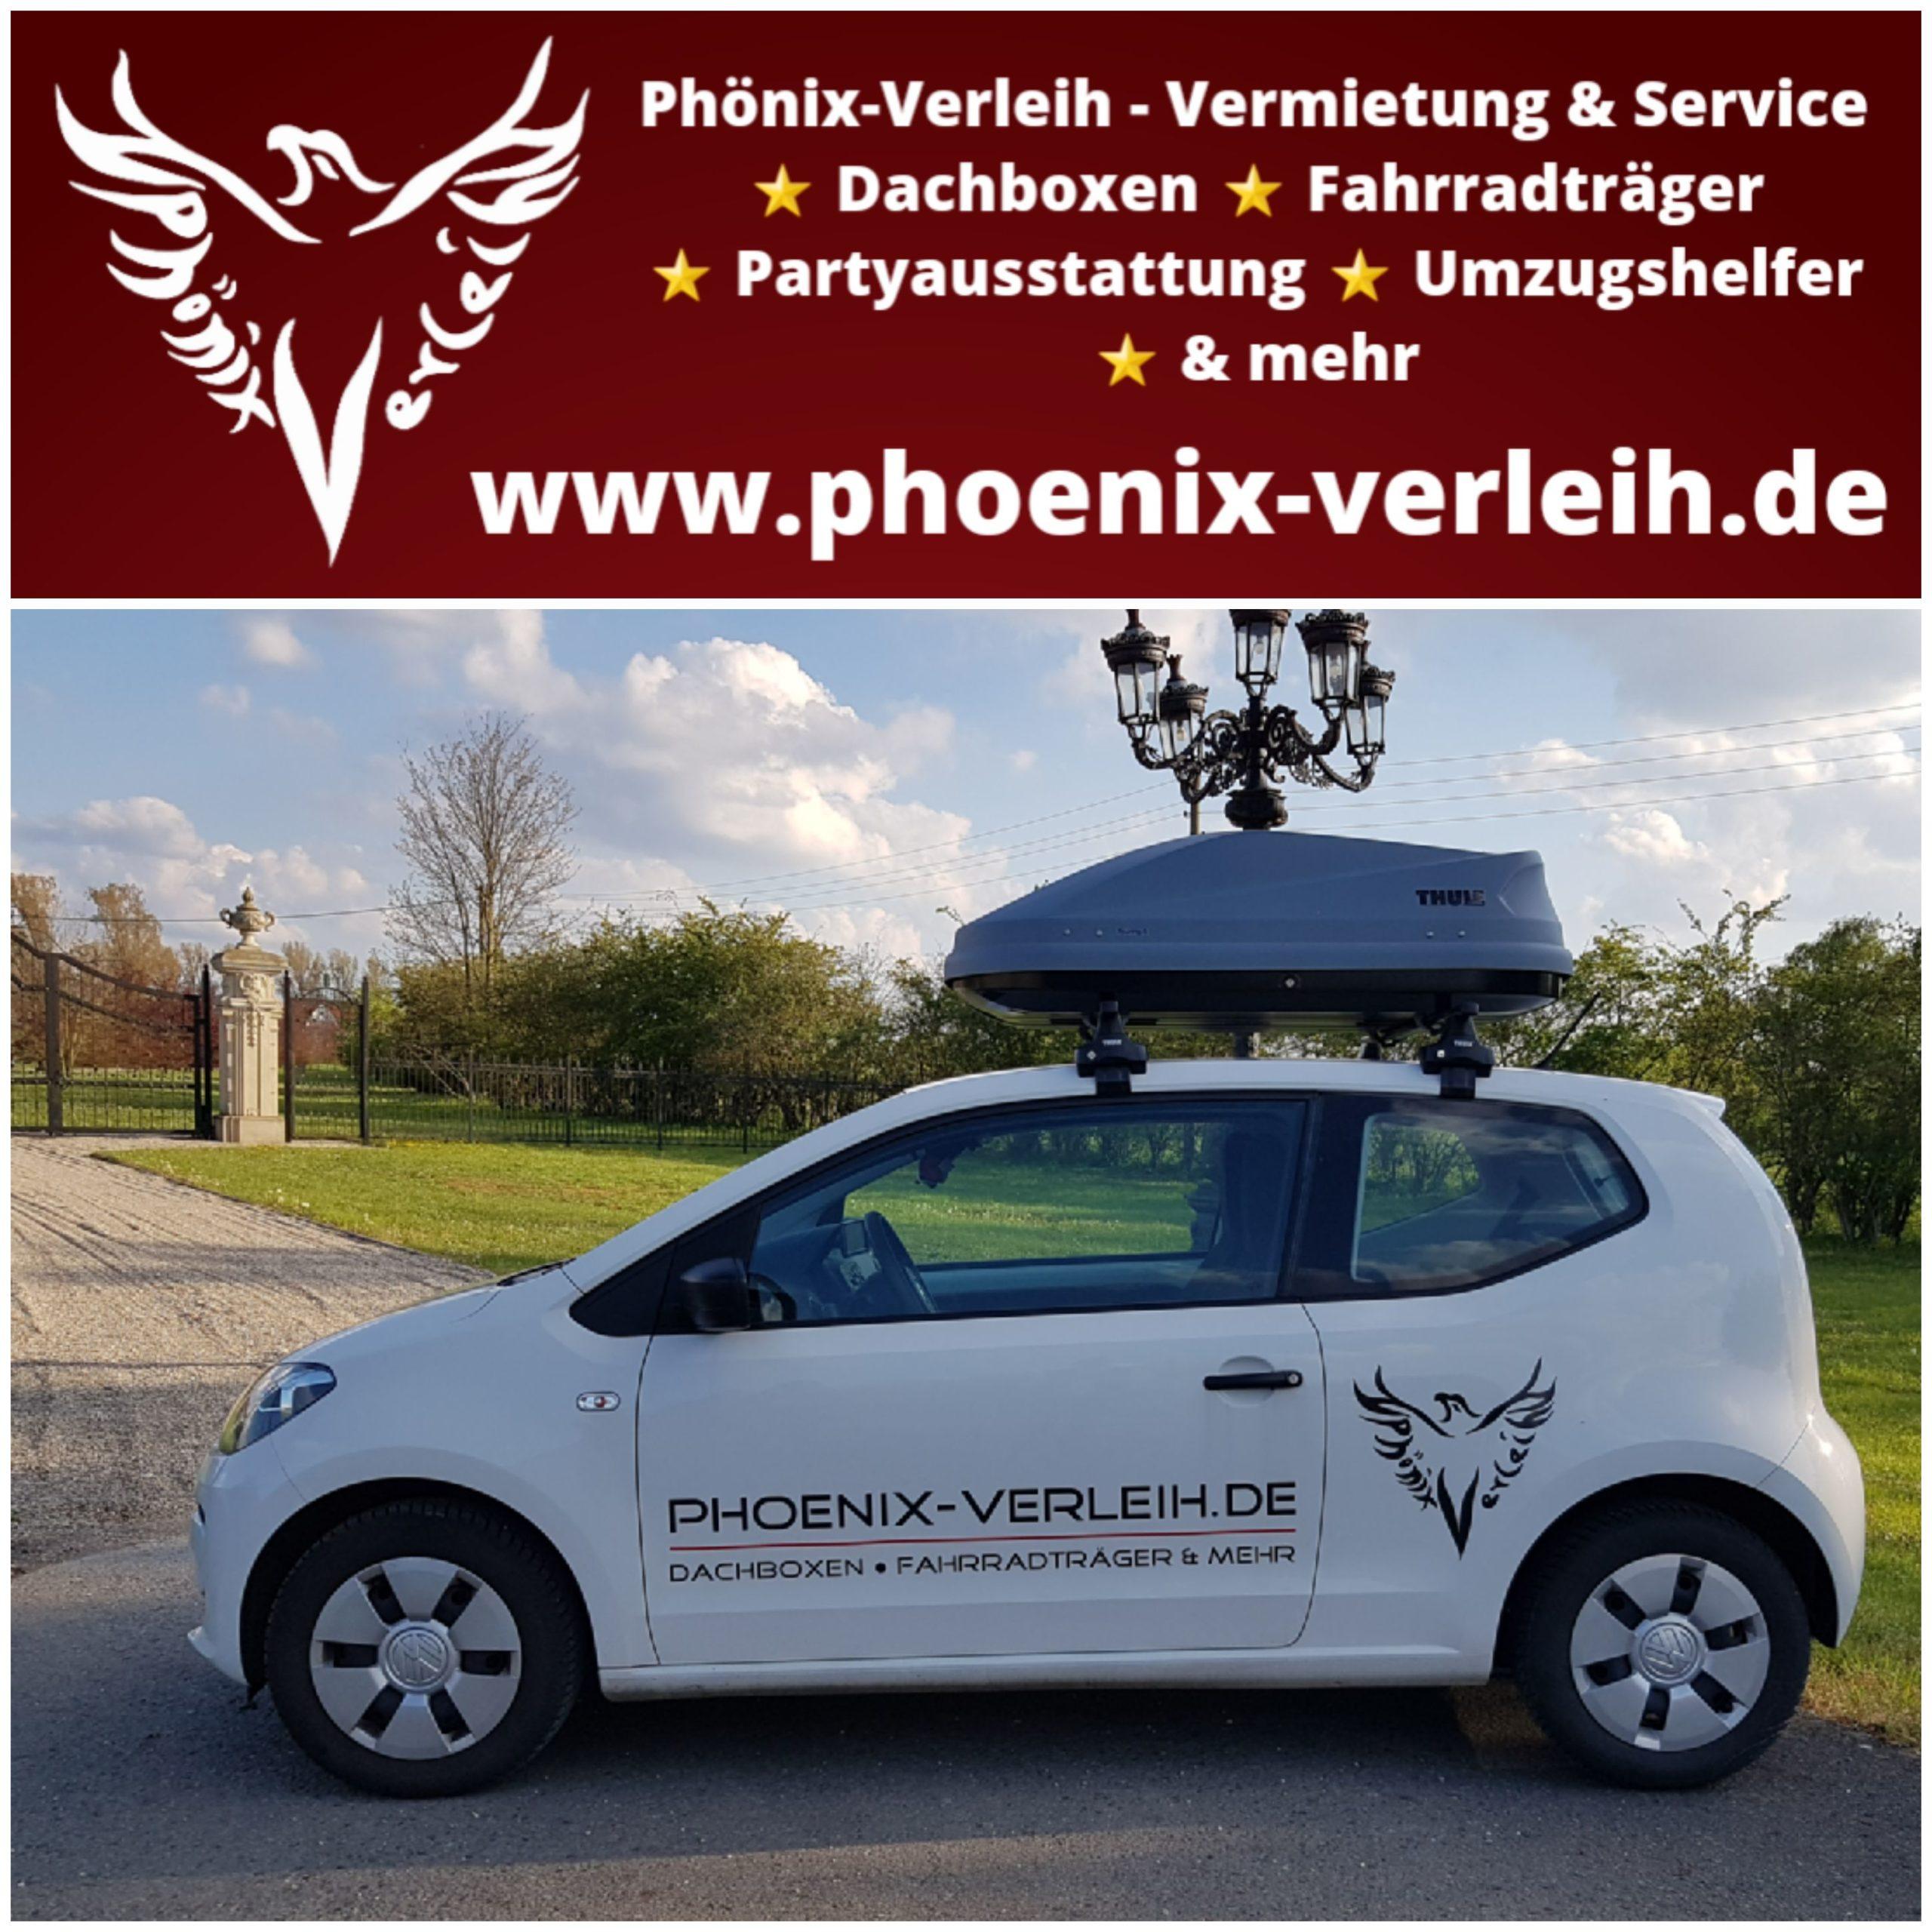 Phoenix-Verleih-Vermietung-Service-zuverlässig-fair-leihen-Dachbox-Thule-Touring-S-mieten-NRW- Kreis-Wesel-Rheinberg-1